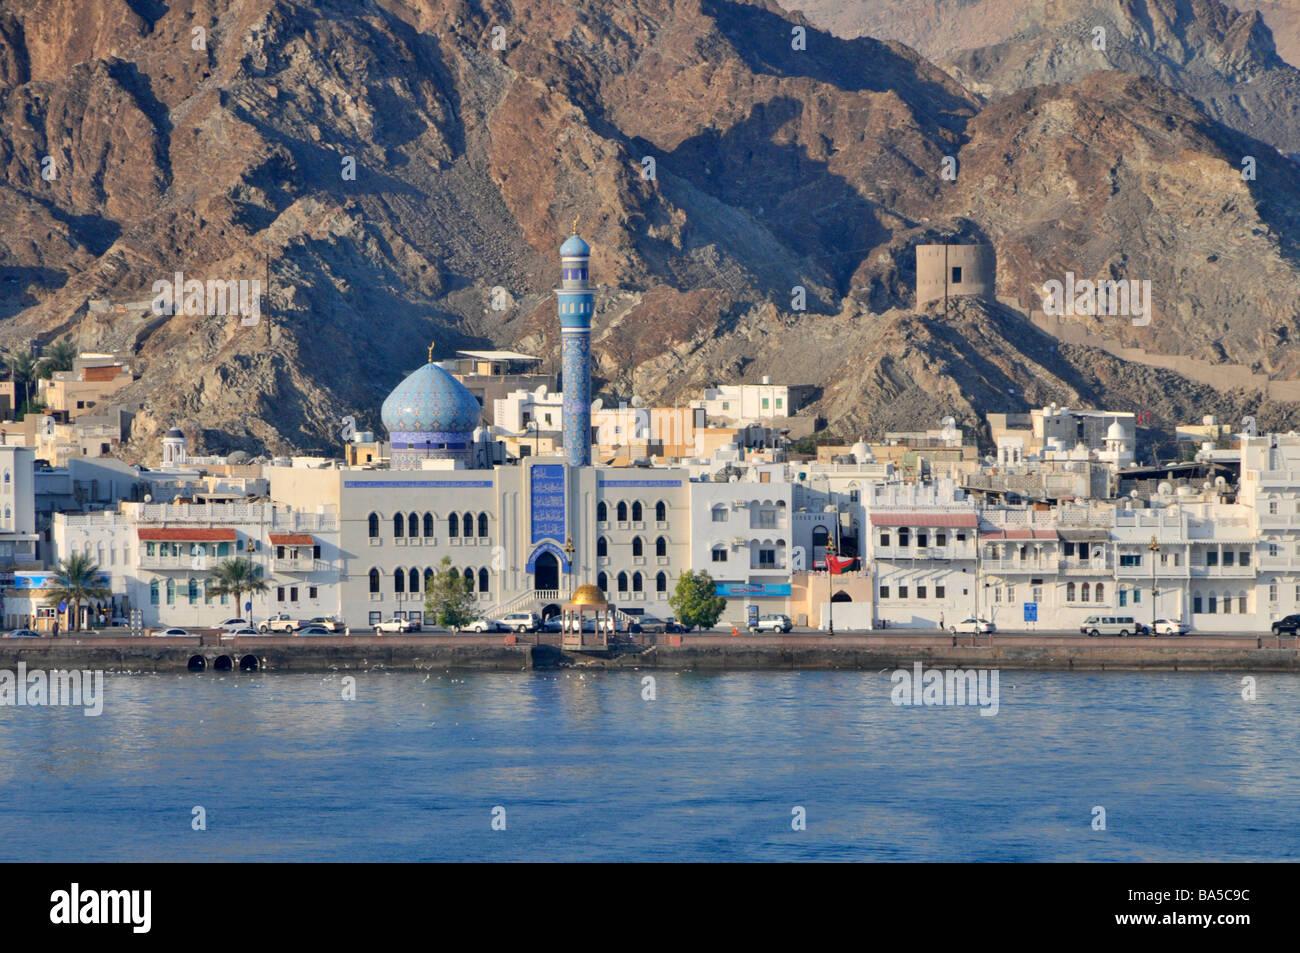 A Waterfront Muttrah anche farro come Mutrah parte di Muscat Oman Immagini Stock